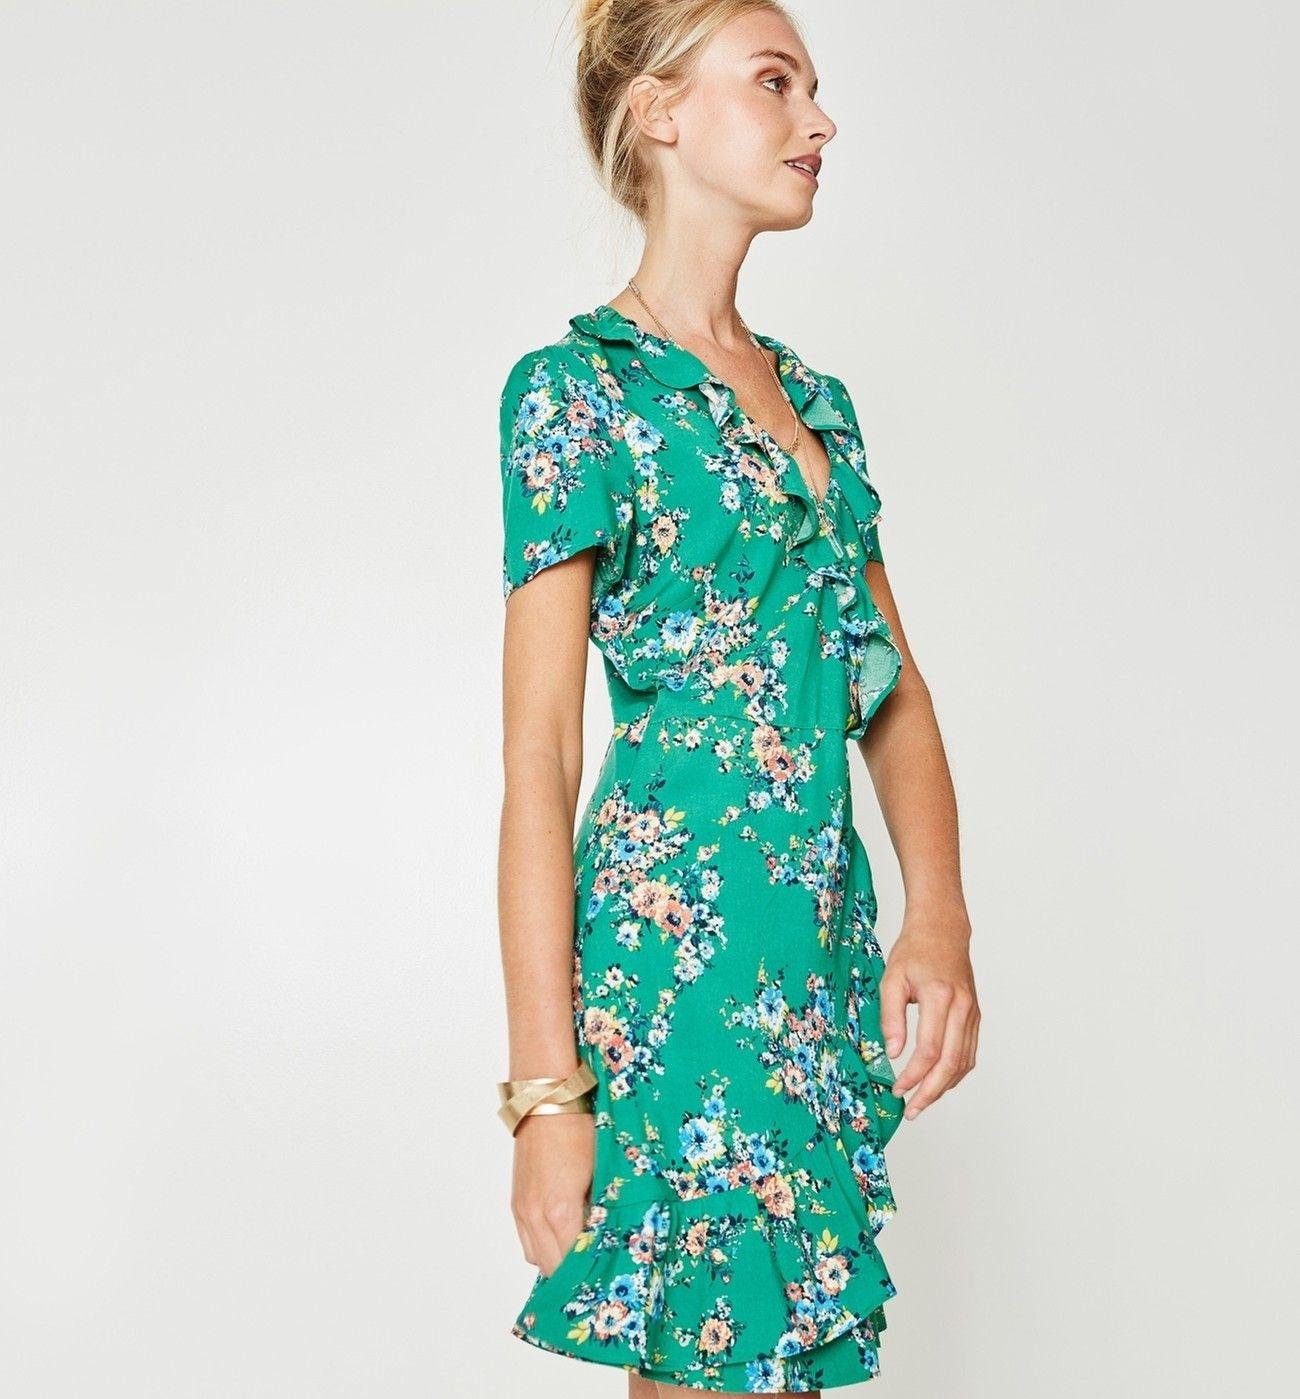 10 Wunderbar Sommerkleider Damen VertriebAbend Schön Sommerkleider Damen Bester Preis